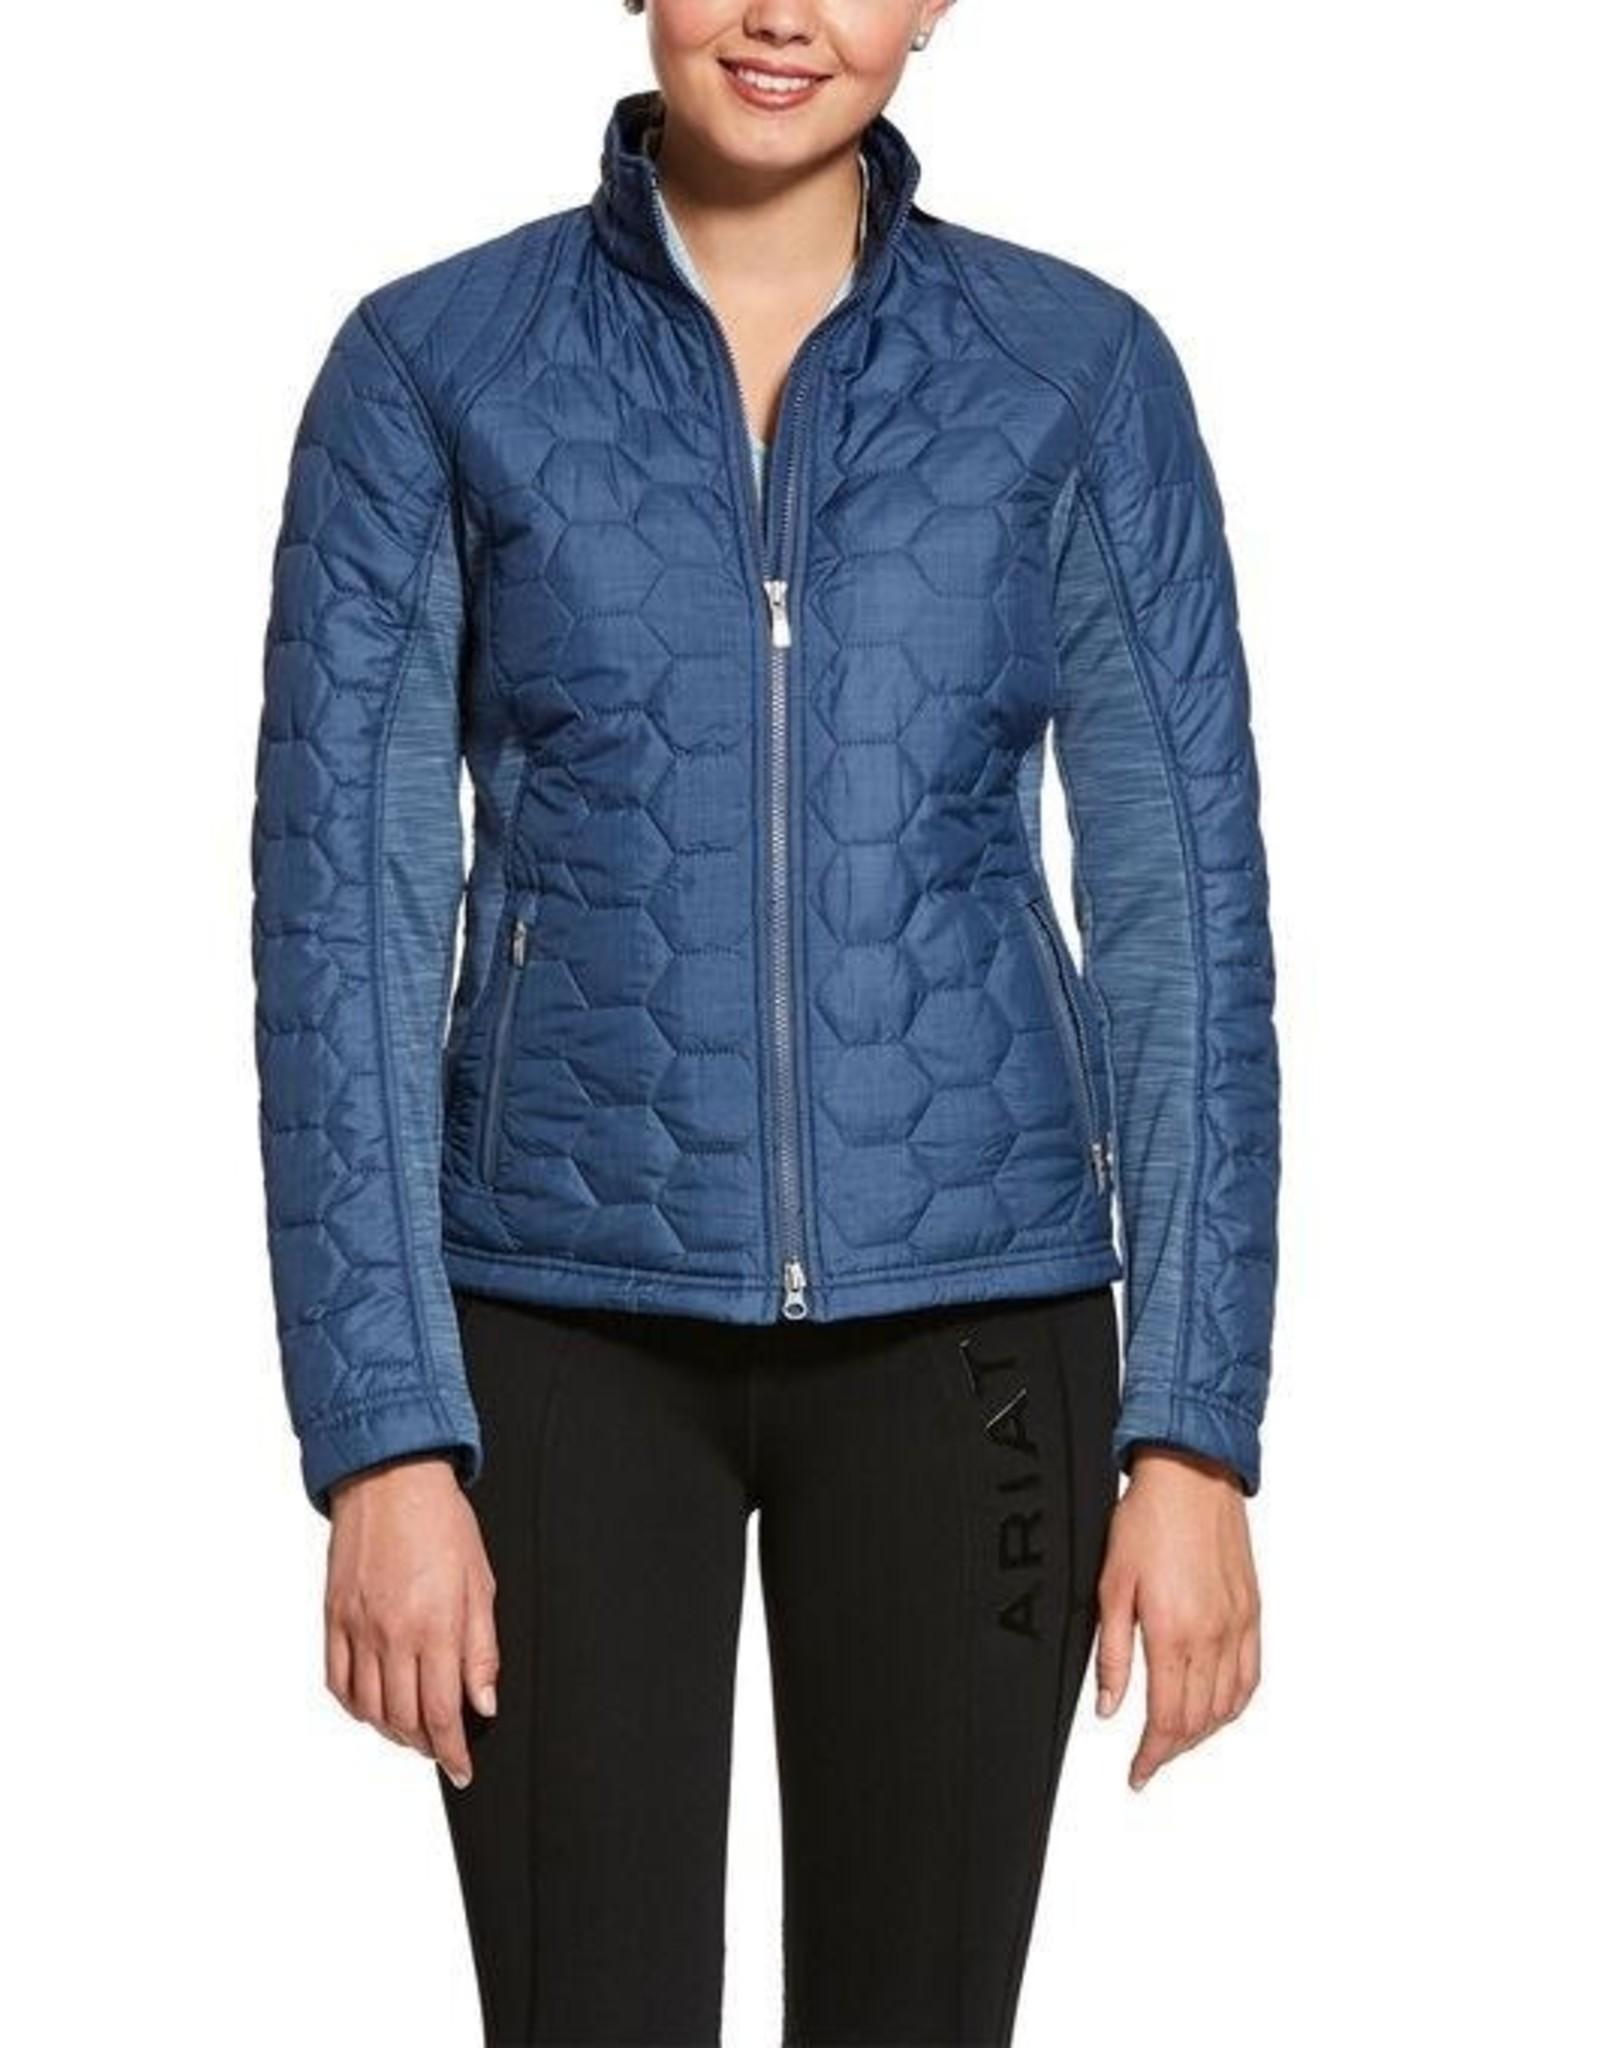 Ariat Ladies' Volt Jacket